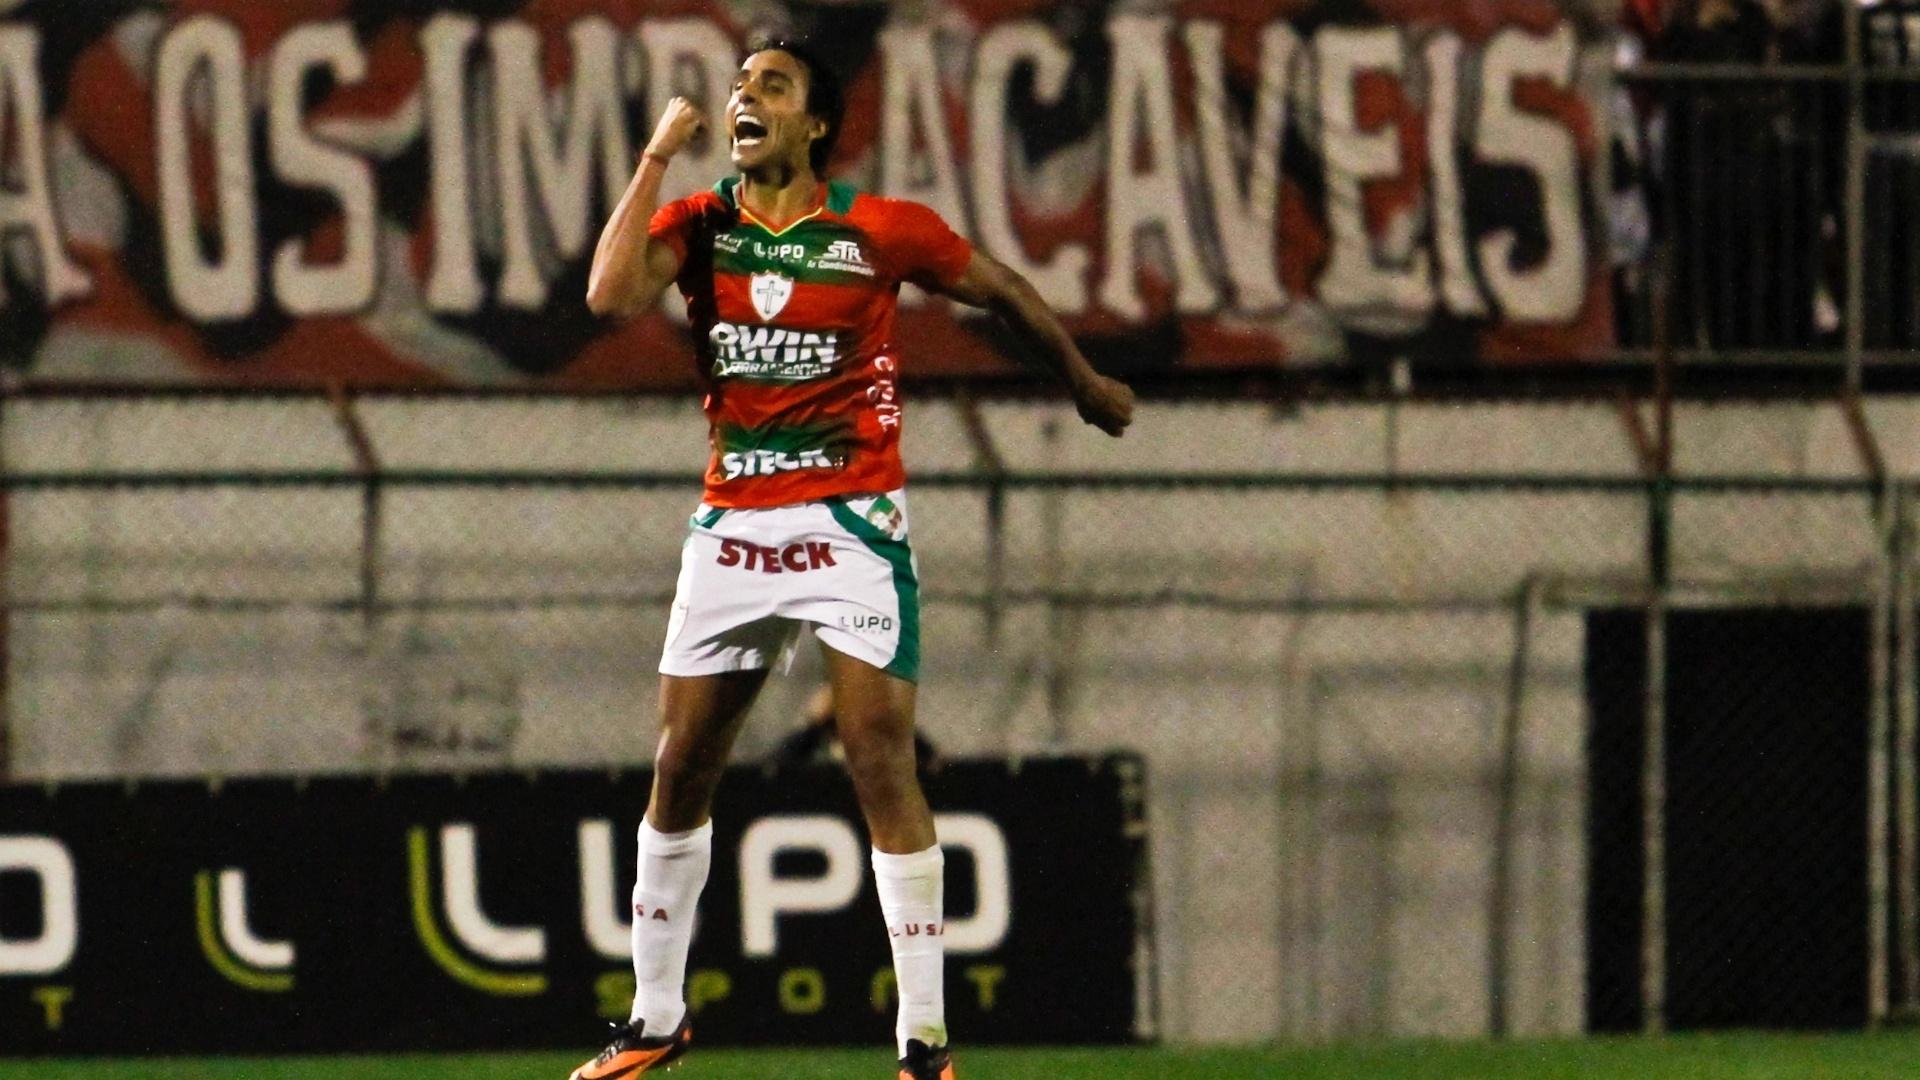 11.08.2013 - Diogo, atacante da Portuguesa, comemora um de seus gols na partida contra o São Paulo, no Canindé